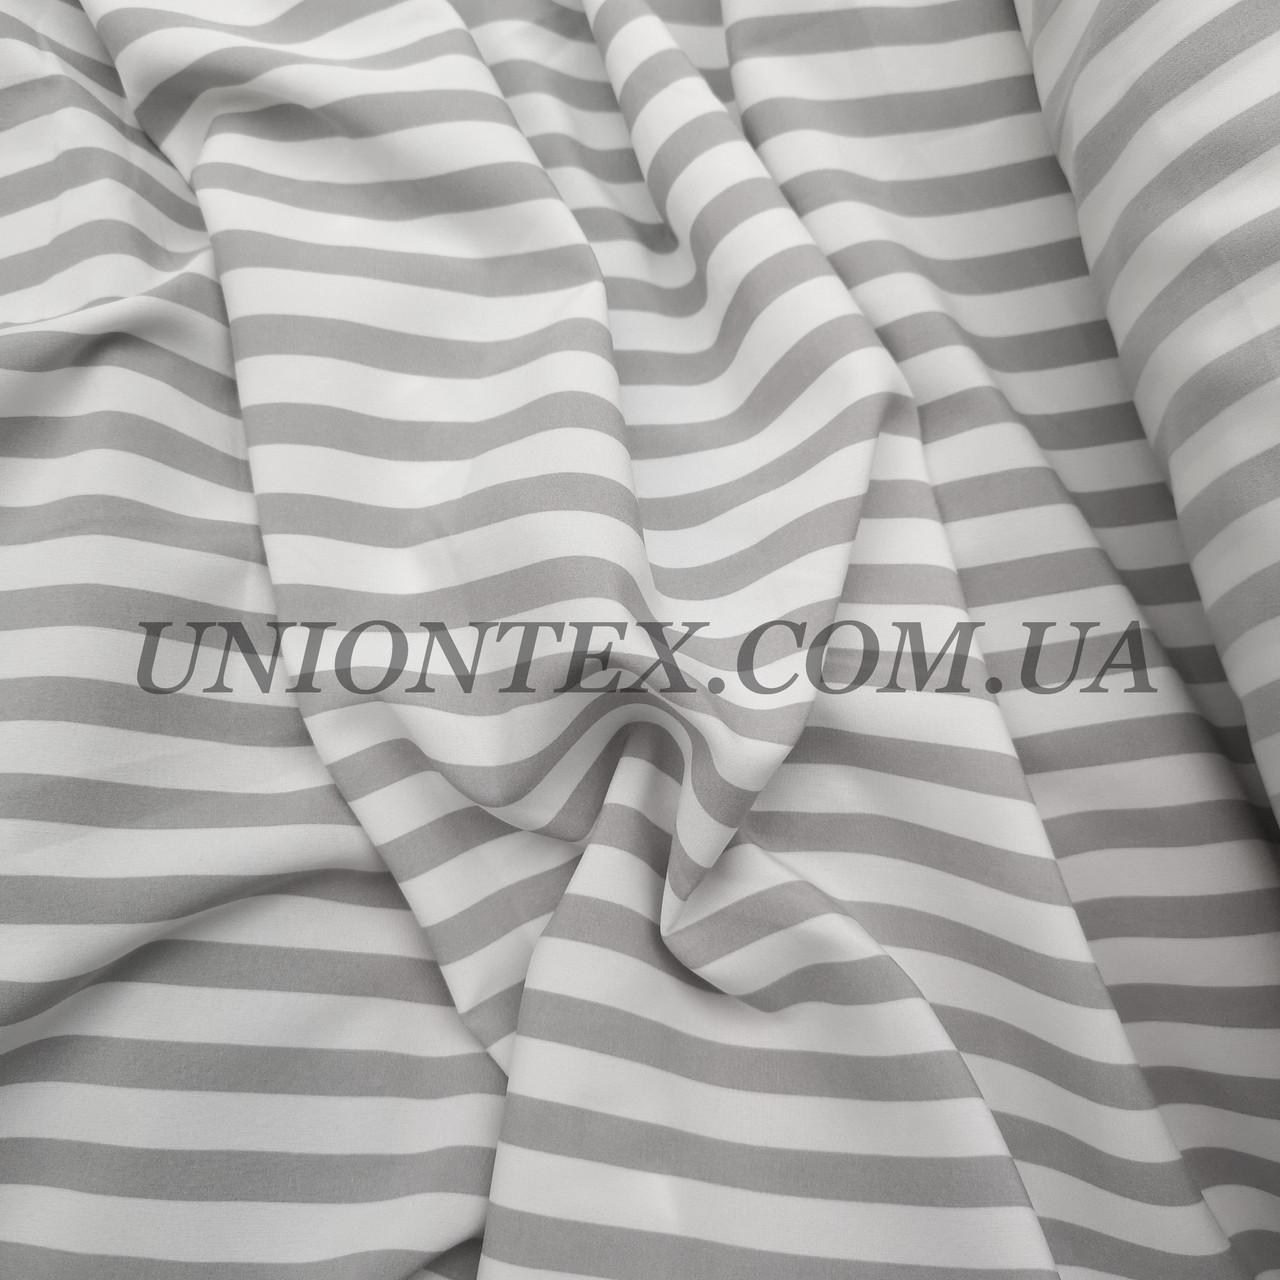 Ткань супер софт принт полоска 1см белая с серой ART-11-5